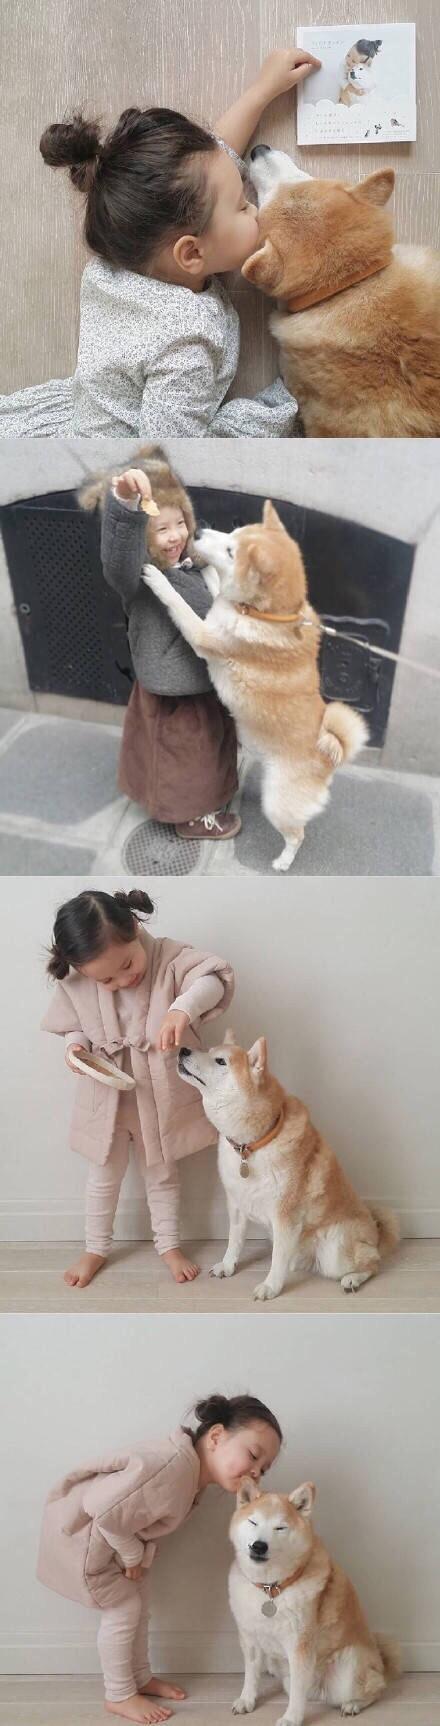 生个女儿再养只狗狗!真美好。。。